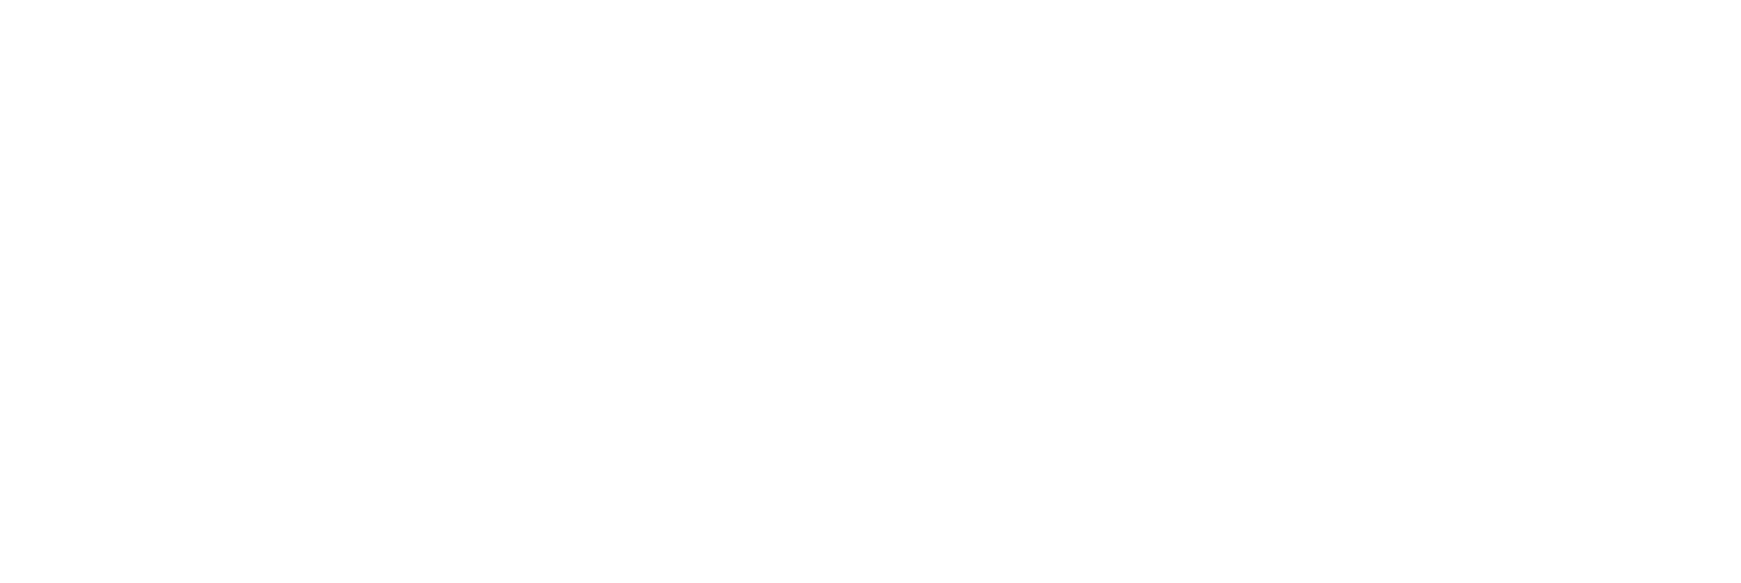 Camélies